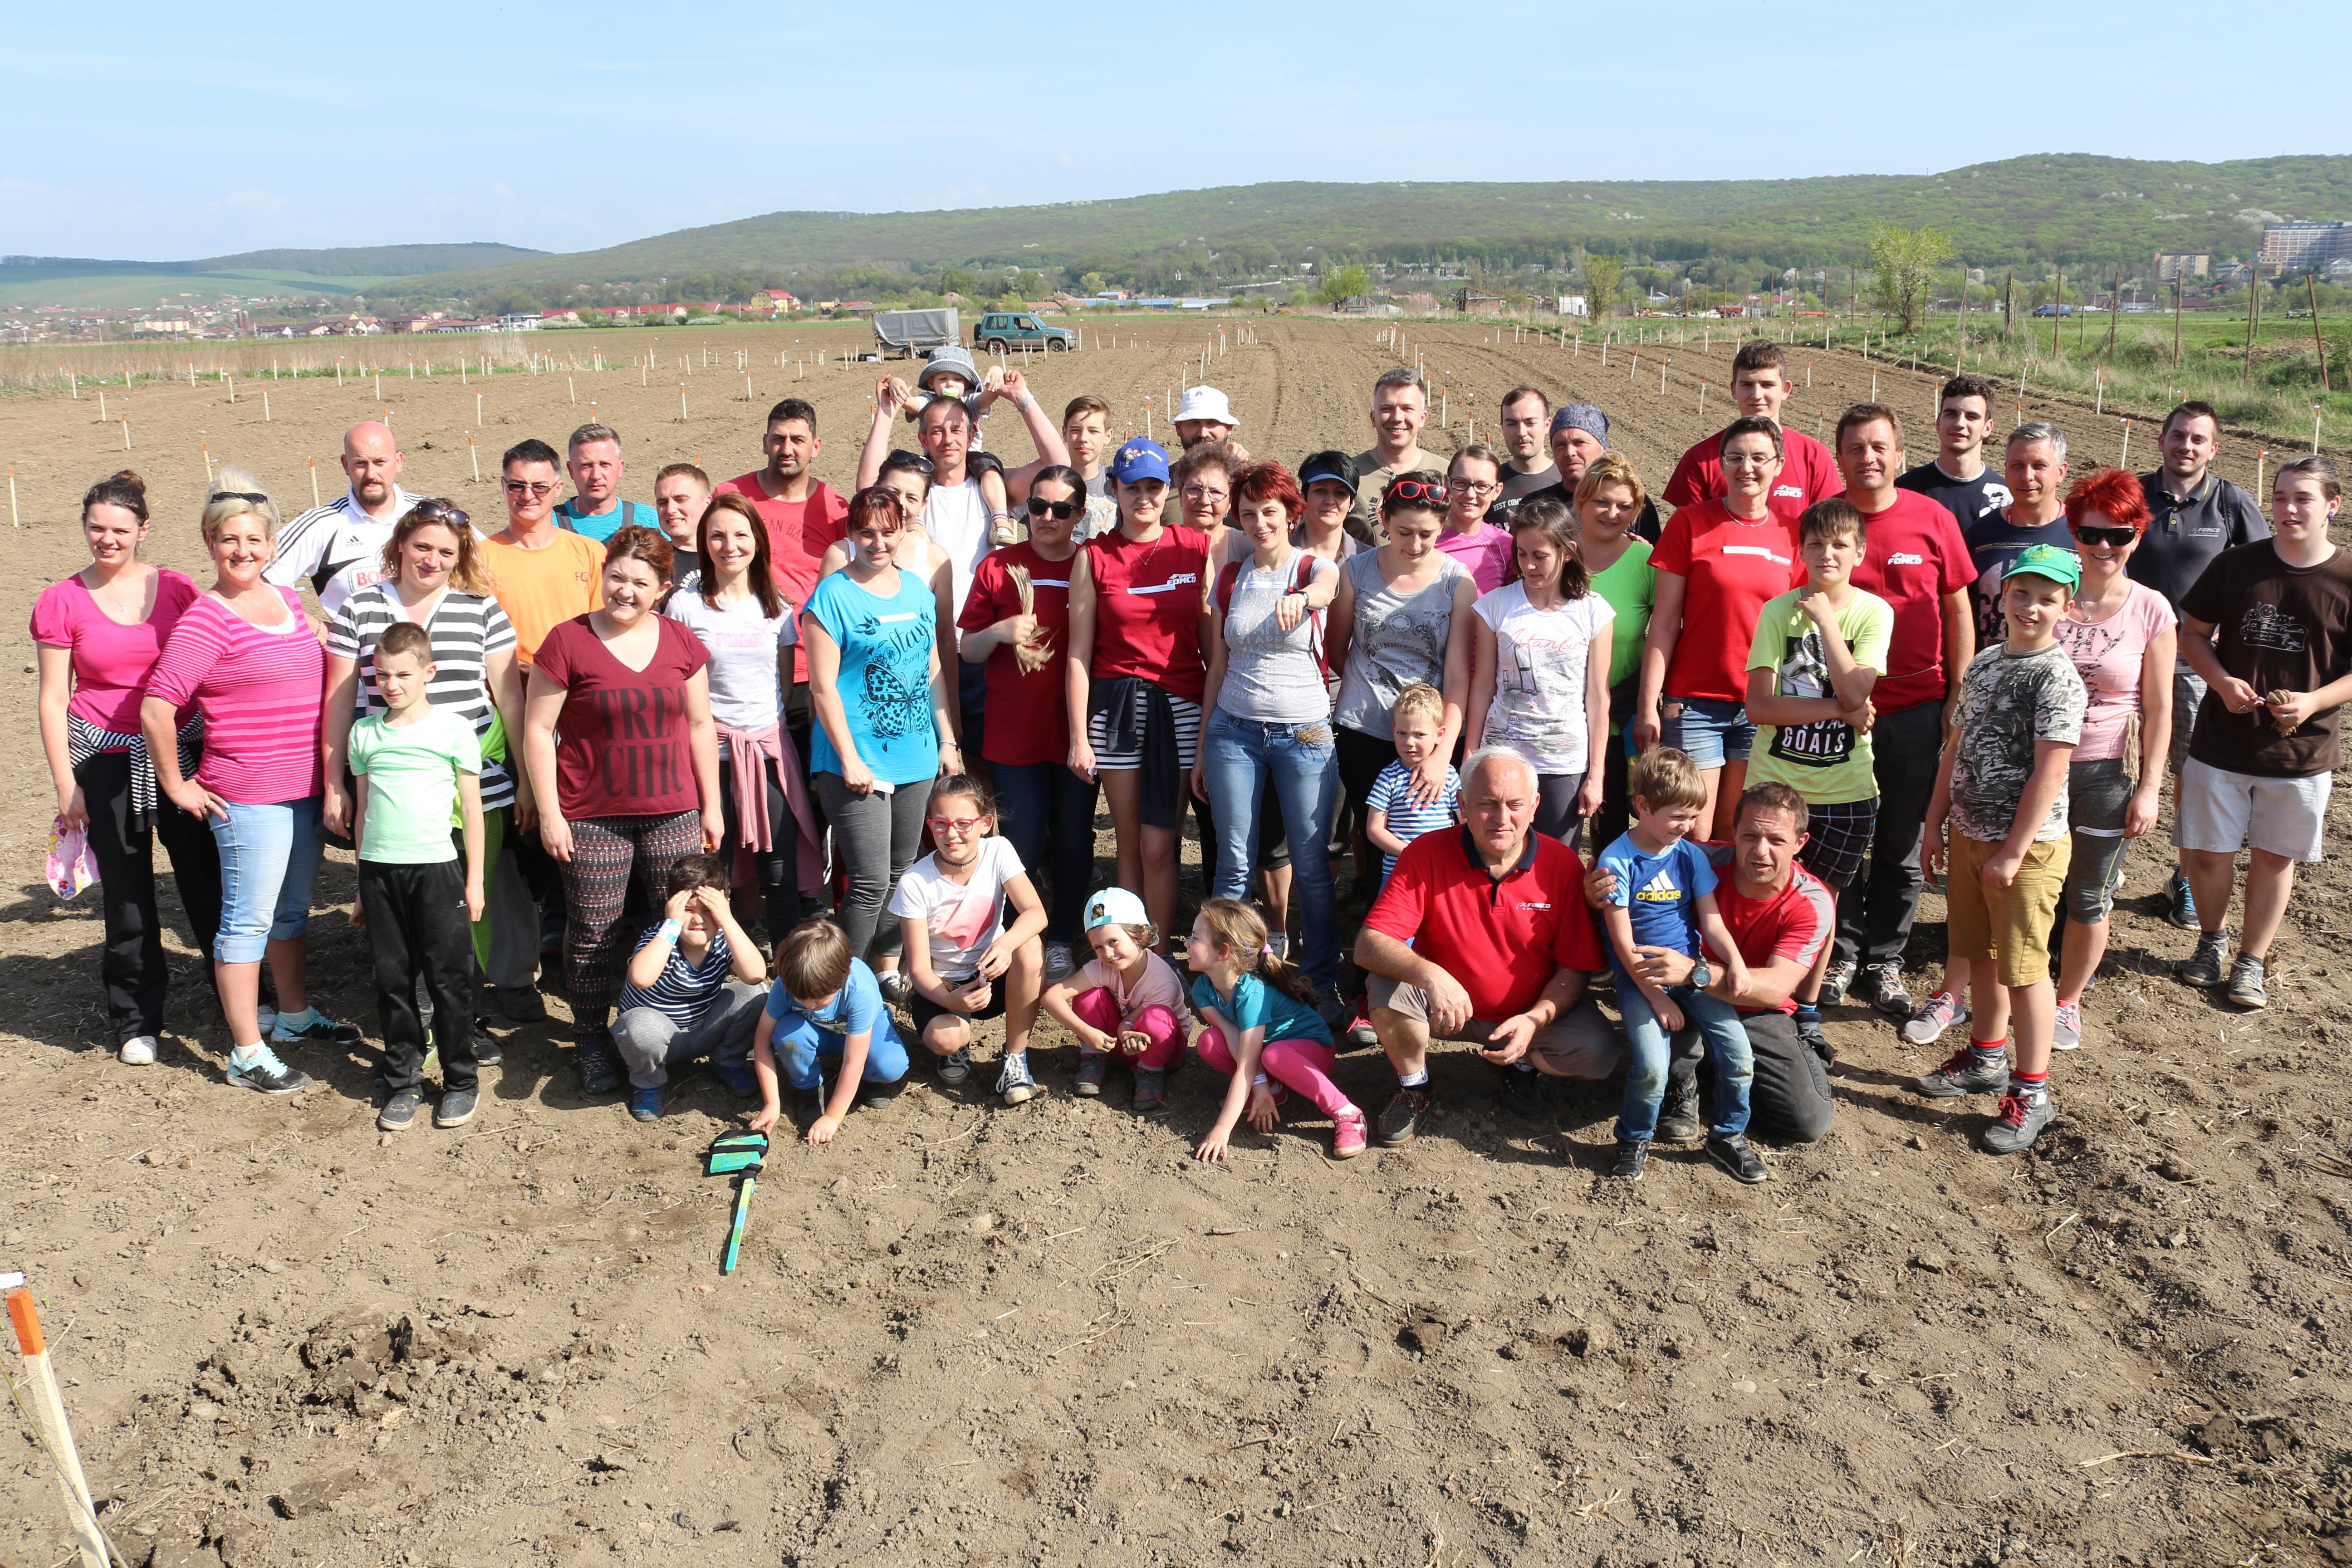 Grupul de firme Fomco a plantat peste 1000 de copaci la Sângeorgiu de Mureș